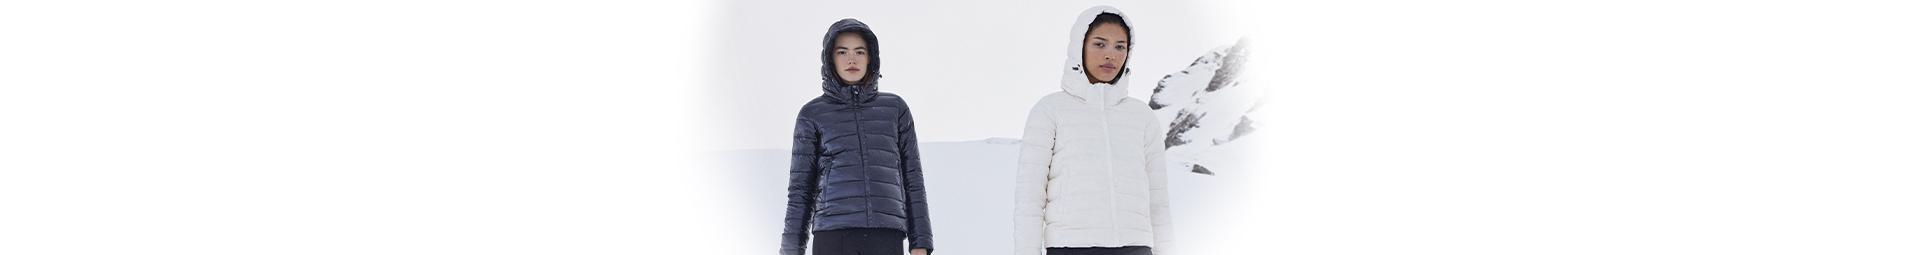 Pyrenex | Collection de doudounes femme tendance | Duvet d'exception